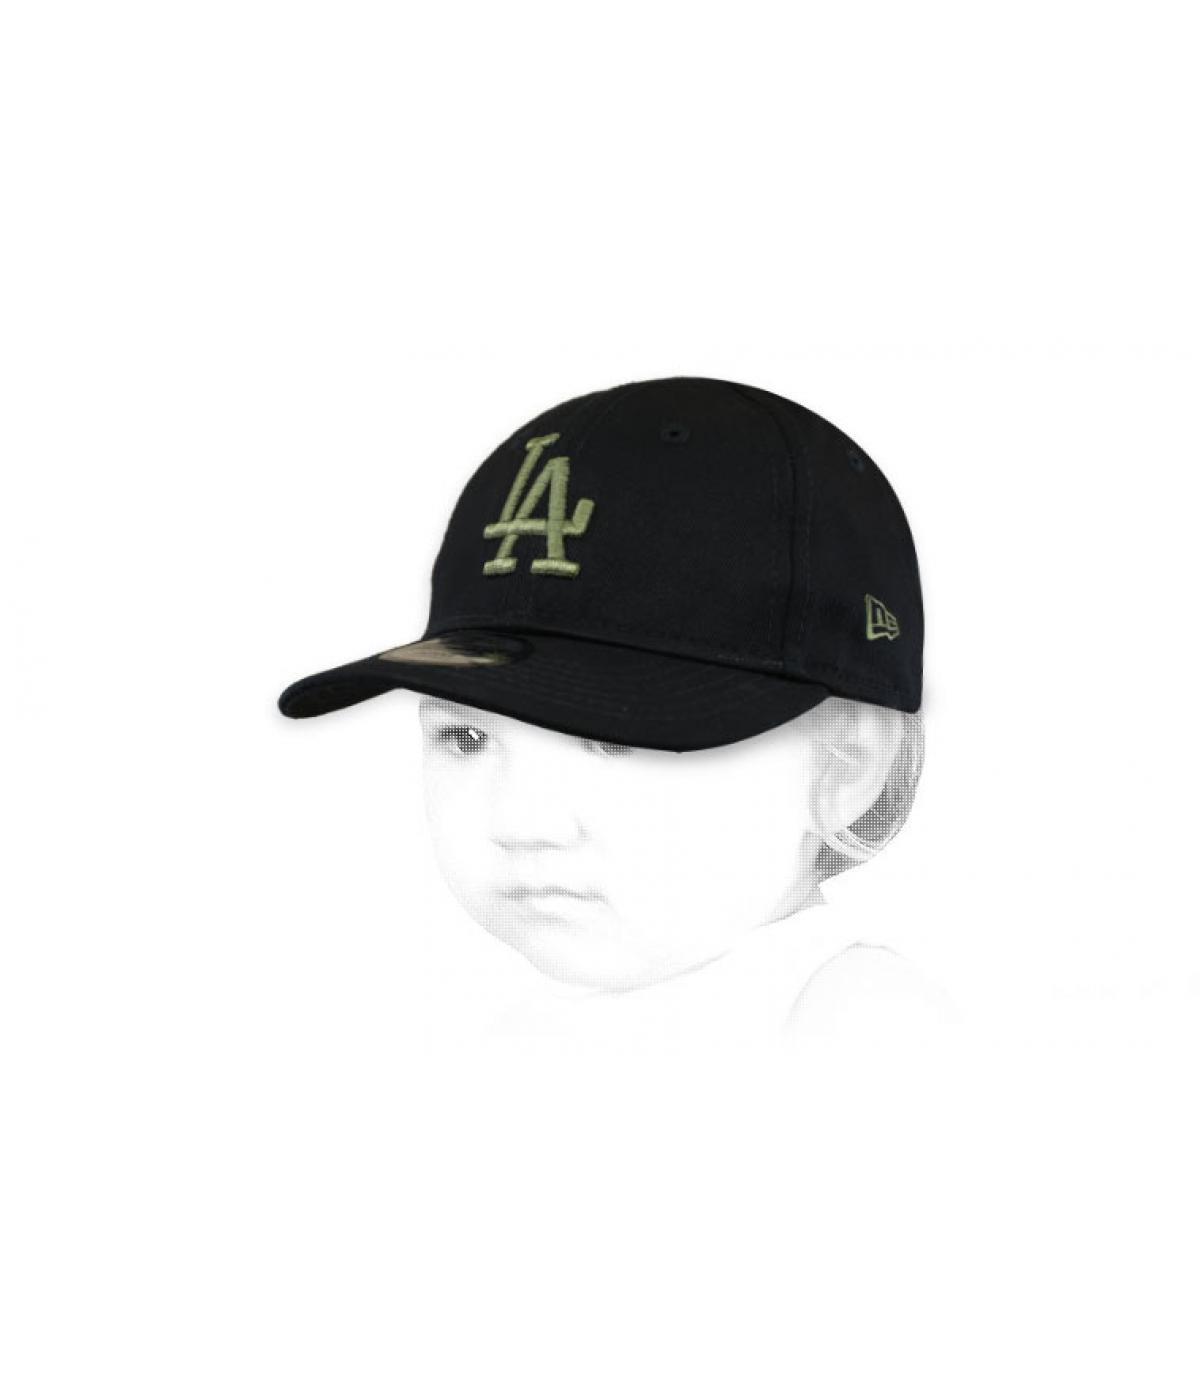 gorra bebe LA negro